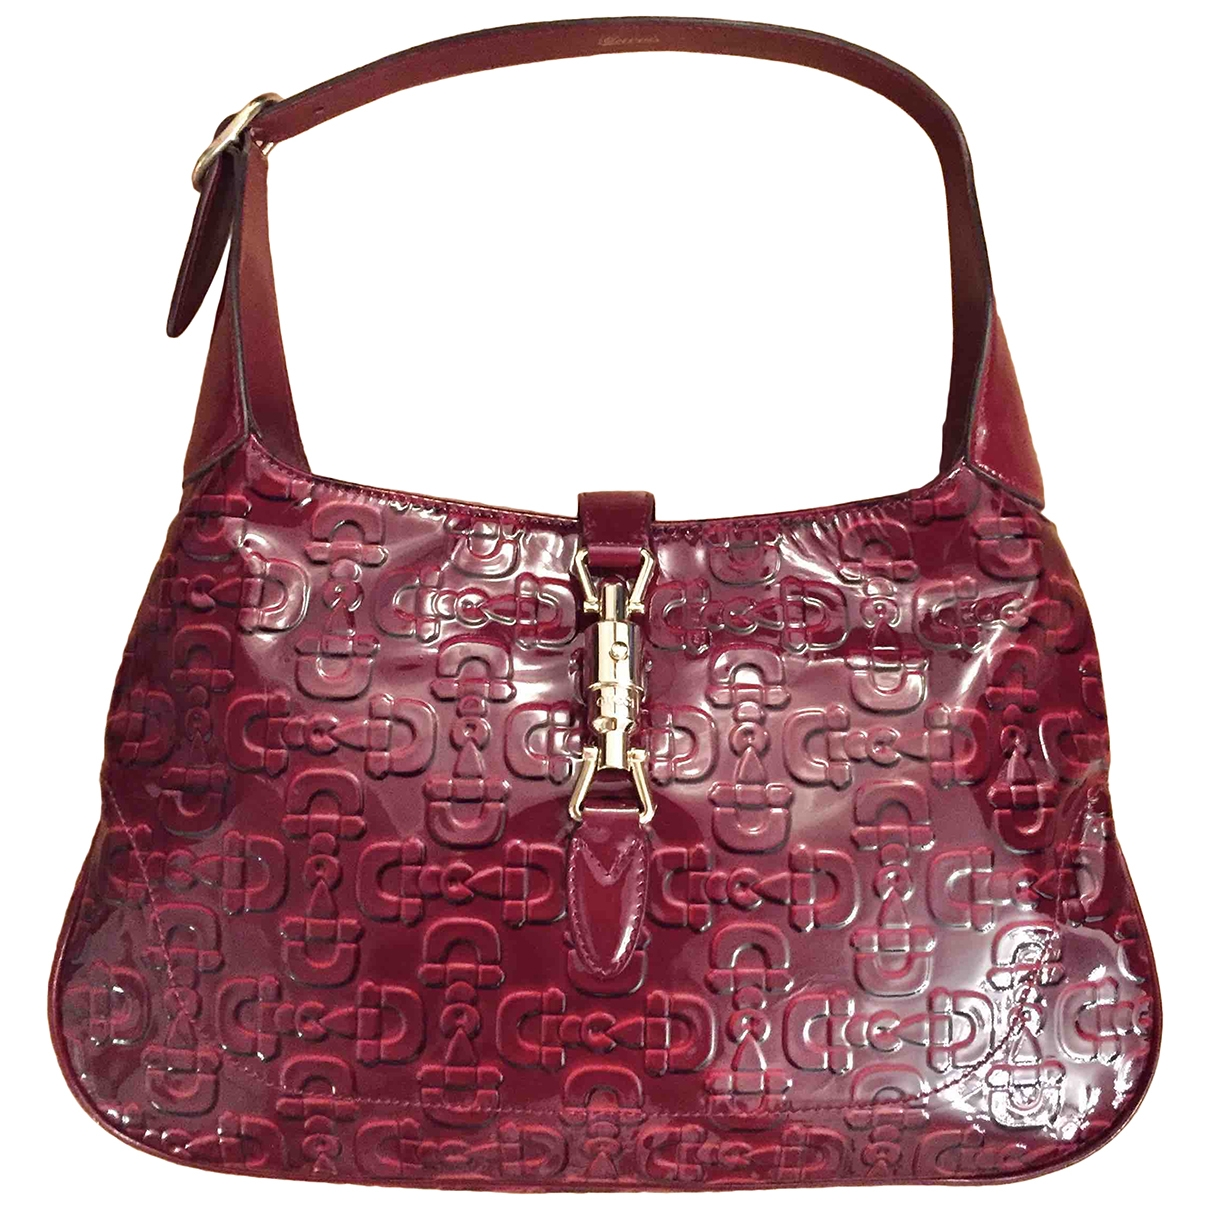 Gucci - Sac a main Jackie Vintage  pour femme en cuir verni - bordeaux